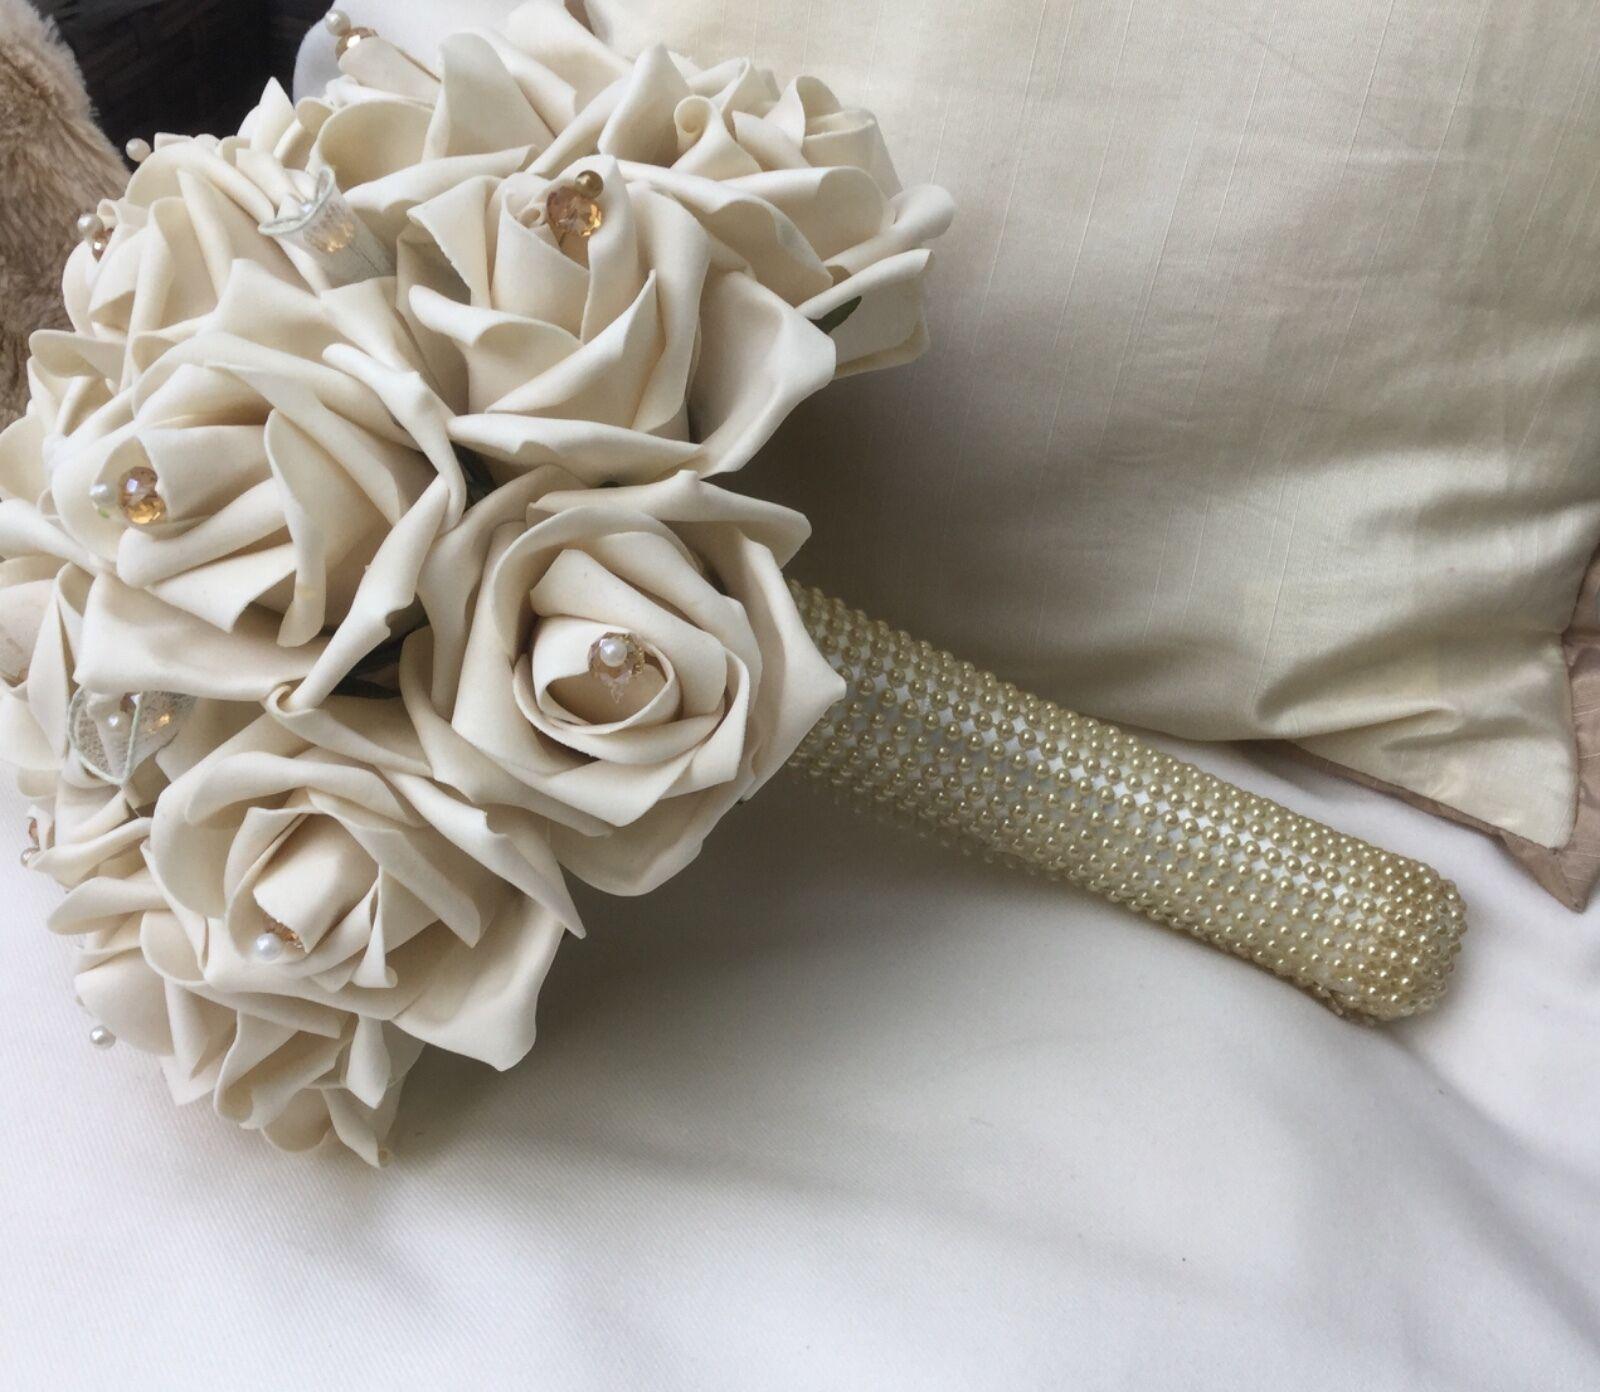 CHAMPAGNE rosa CRISTALLI PERLE nozze Fiori Posy Bouquet Sposa Sposa Sposa Damigelle 167ca6